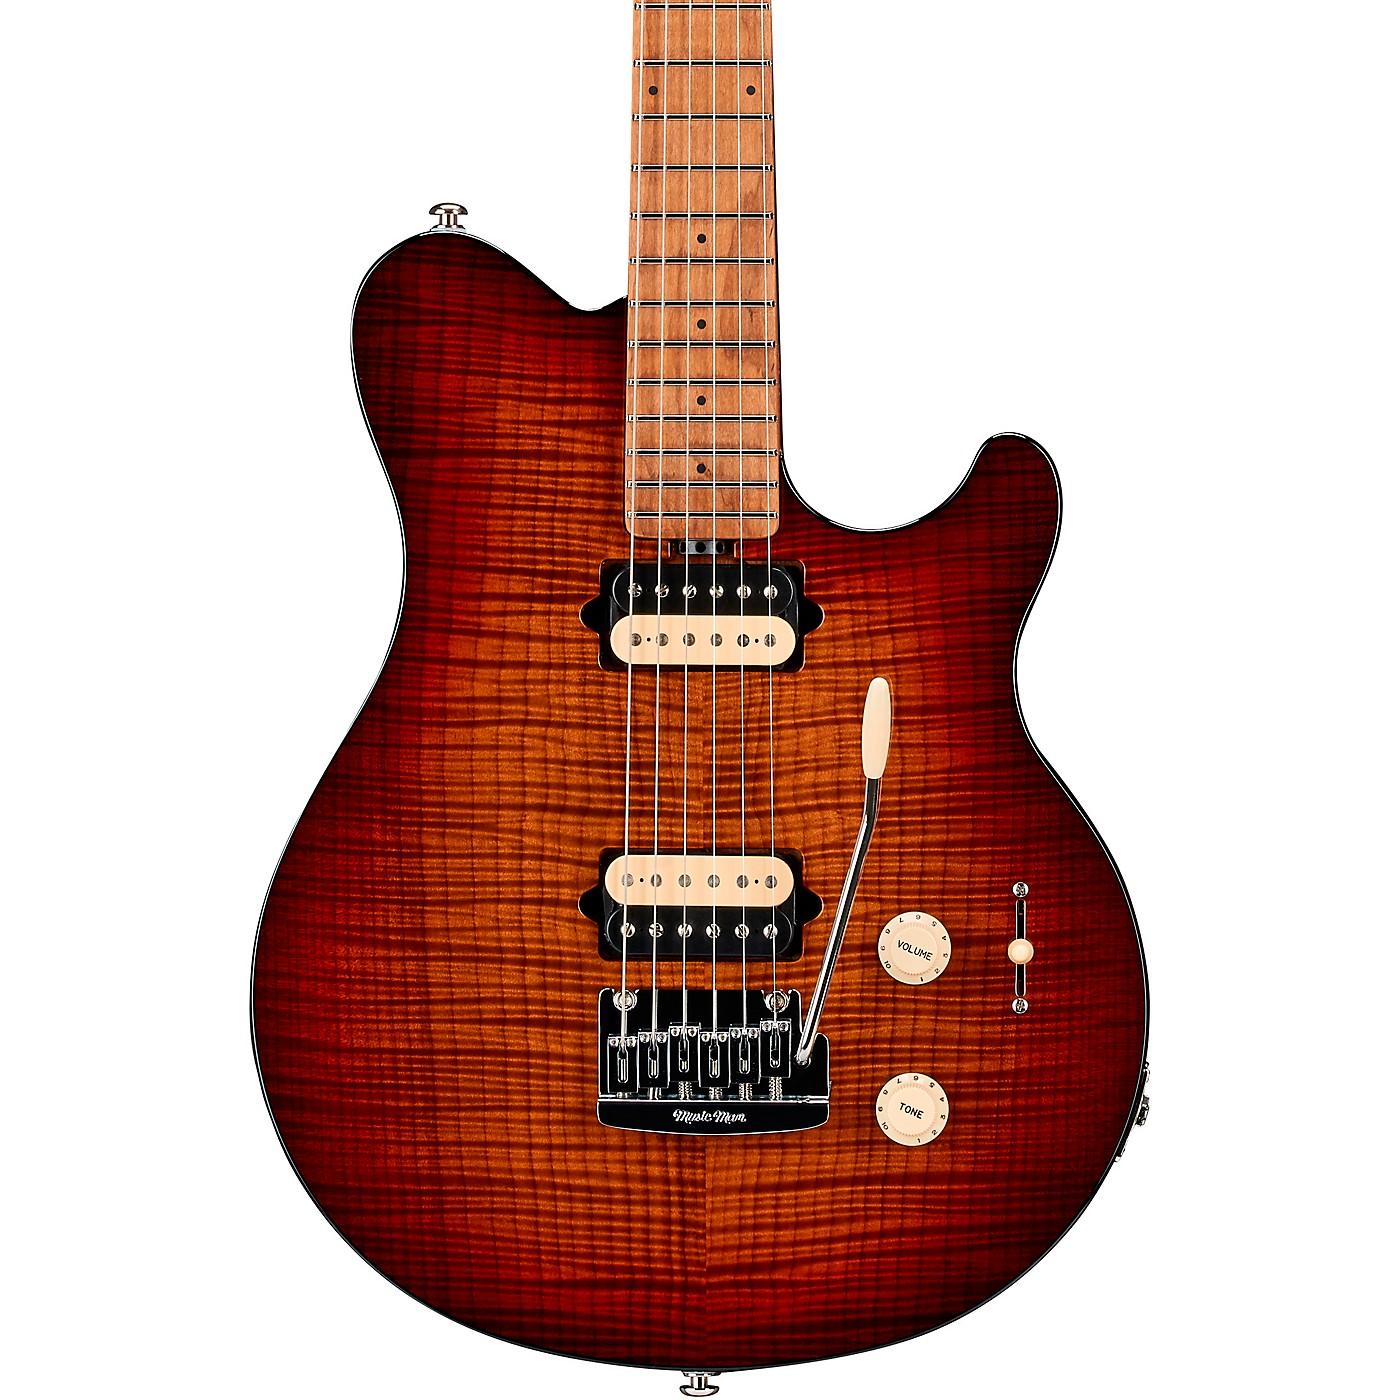 Ernie Ball Music Man Axis Super Sport Flame Top Electric Guitar thumbnail